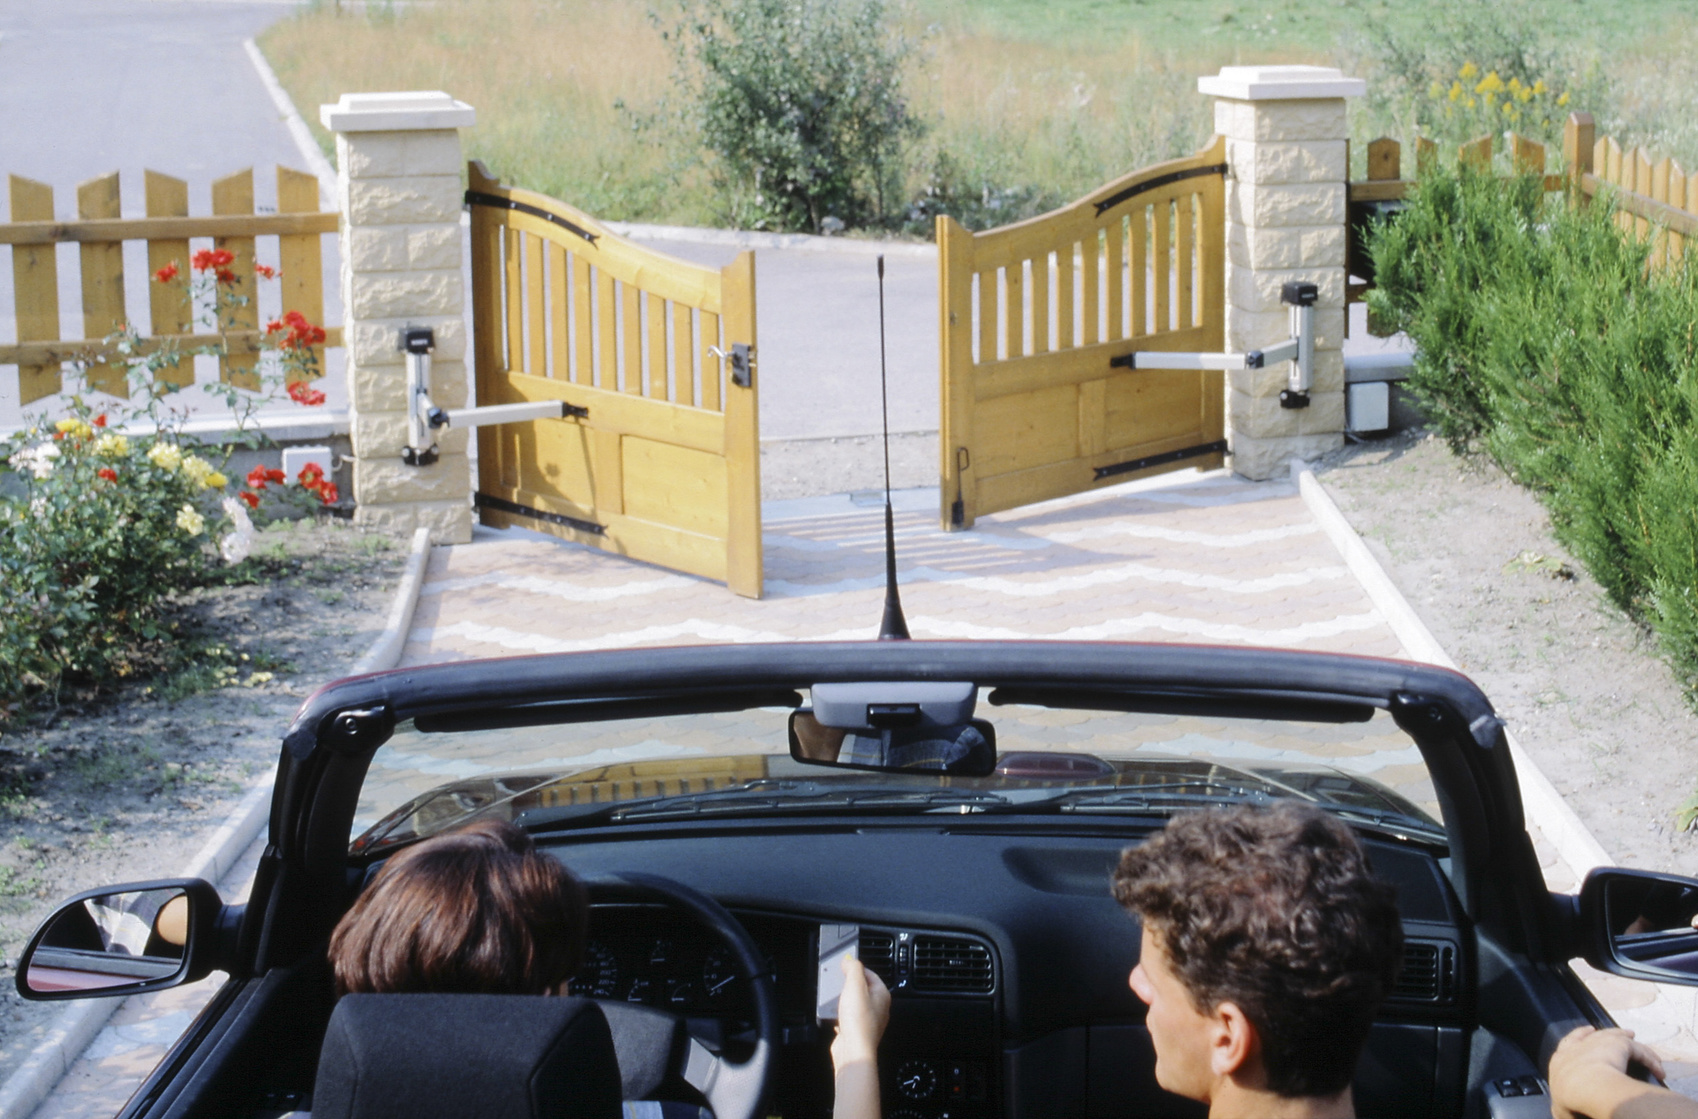 choisir une motorisation pour portail le comparatif. Black Bedroom Furniture Sets. Home Design Ideas